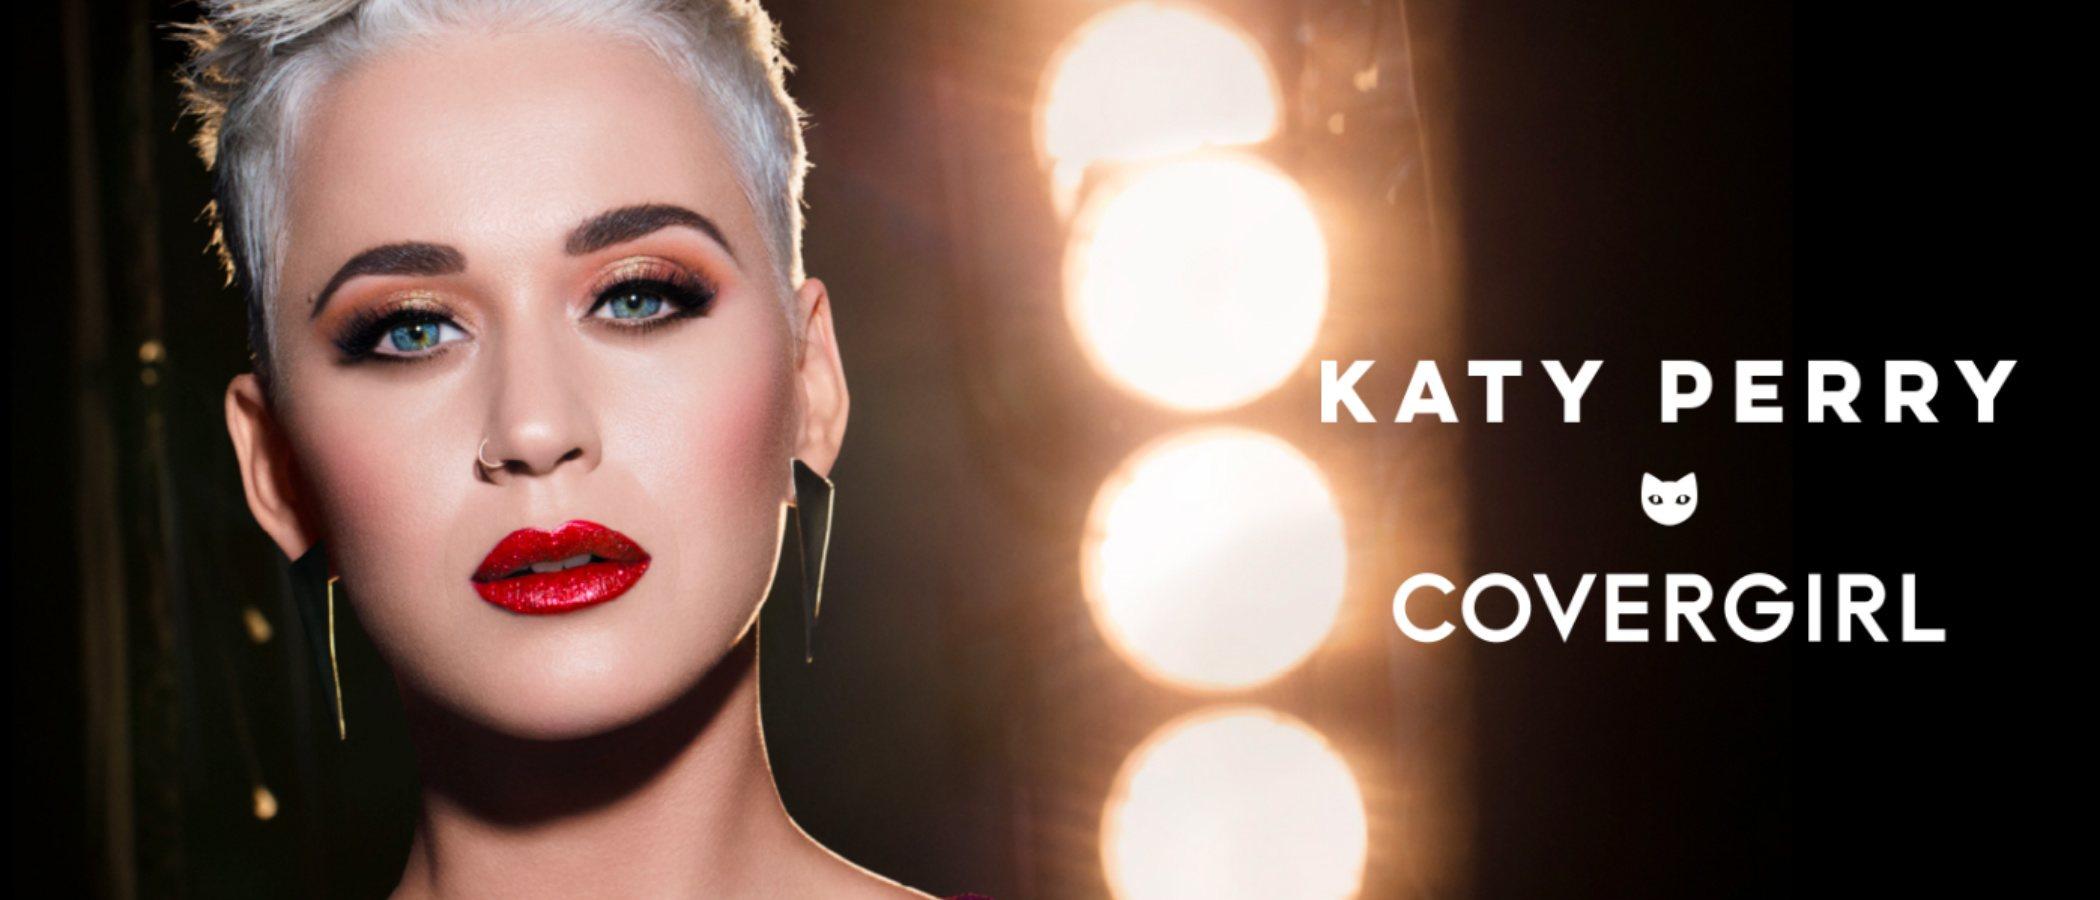 Katy Perry y Covergirl amplían la colección 'Katy Kat' con una felina paleta de sombras de ojos